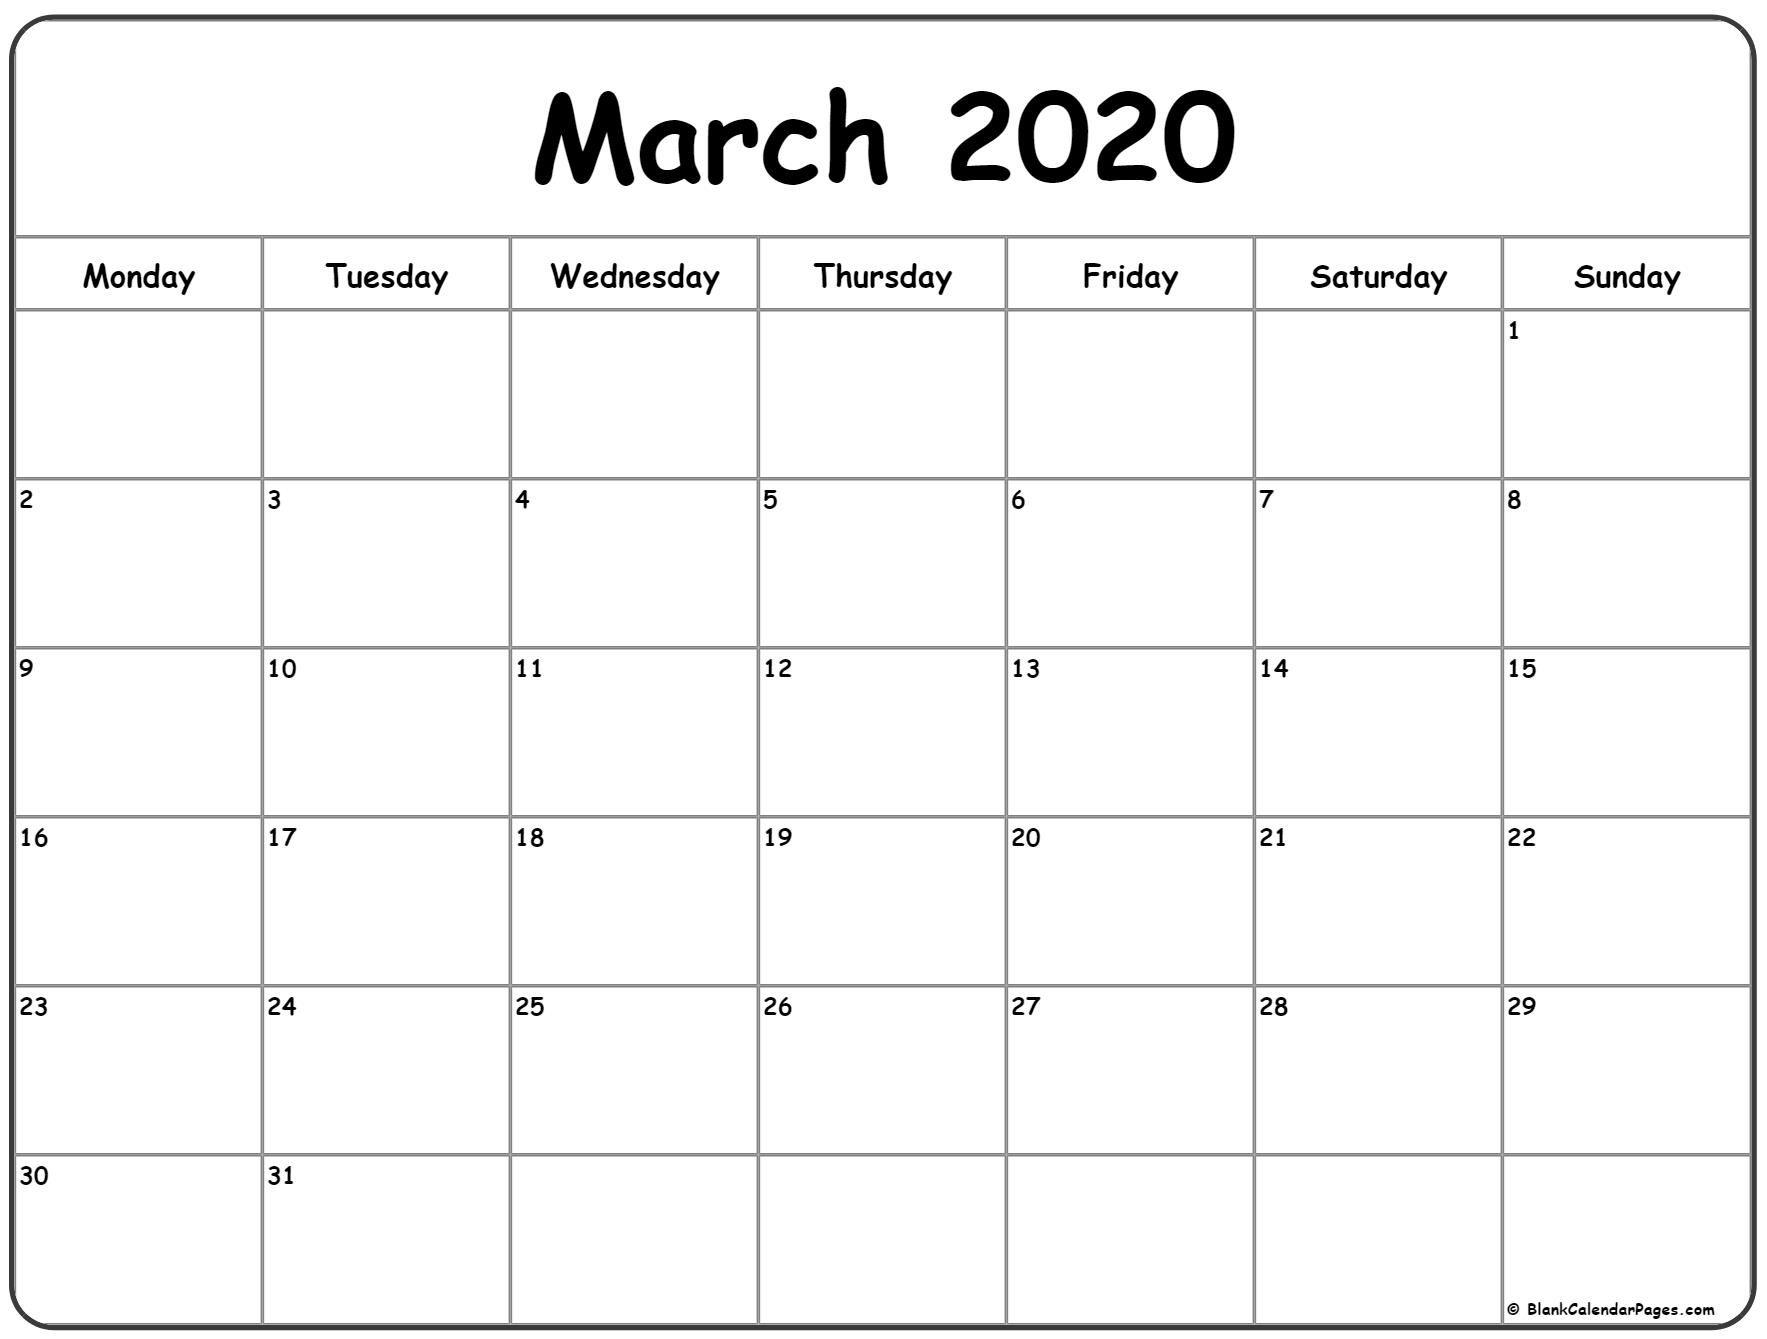 March 2020 Monday Calendar | Monday To Sunday | Calendar